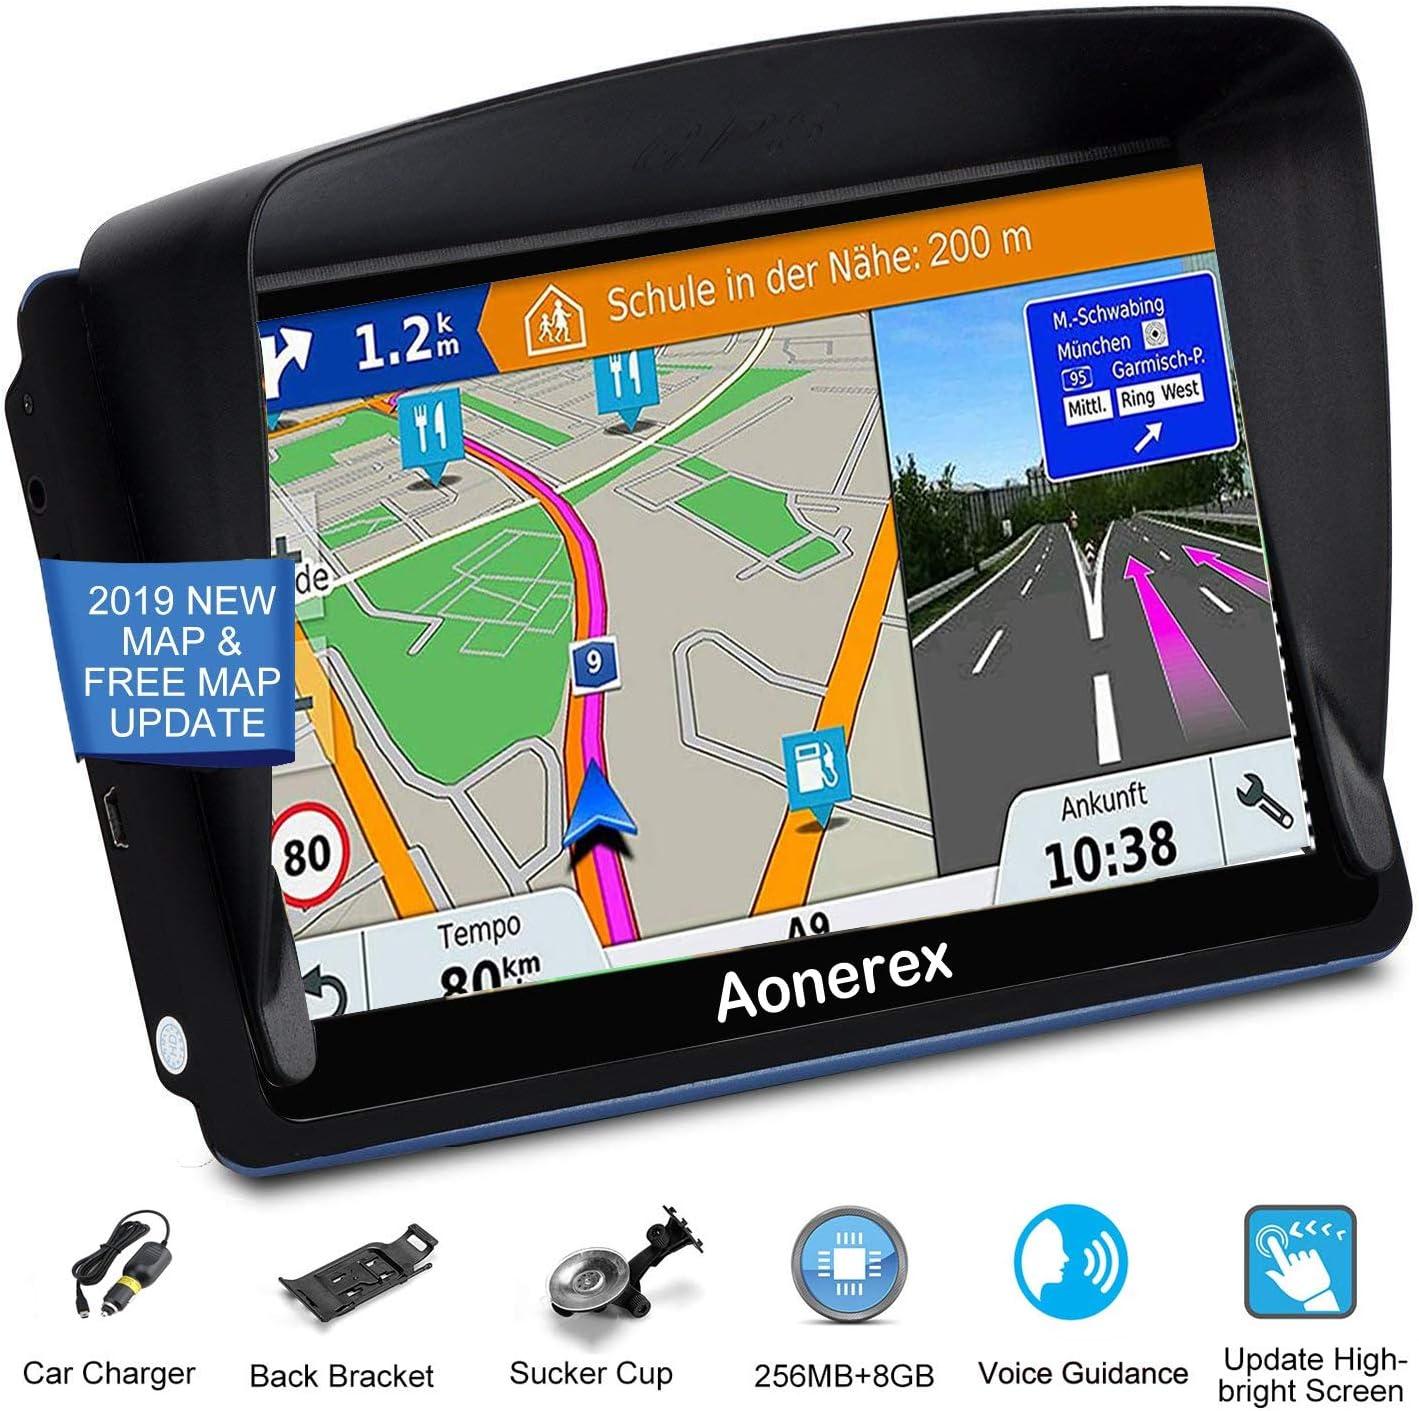 Aonerex Navigationssystem 17 8 Cm 7 Zoll Hd Touchscreen Sprach Navigationssystem Integriertes 8 Gb Und 256 Mb Uk Und Eu Karten Lebenslange Kostenlose Updates Navigation